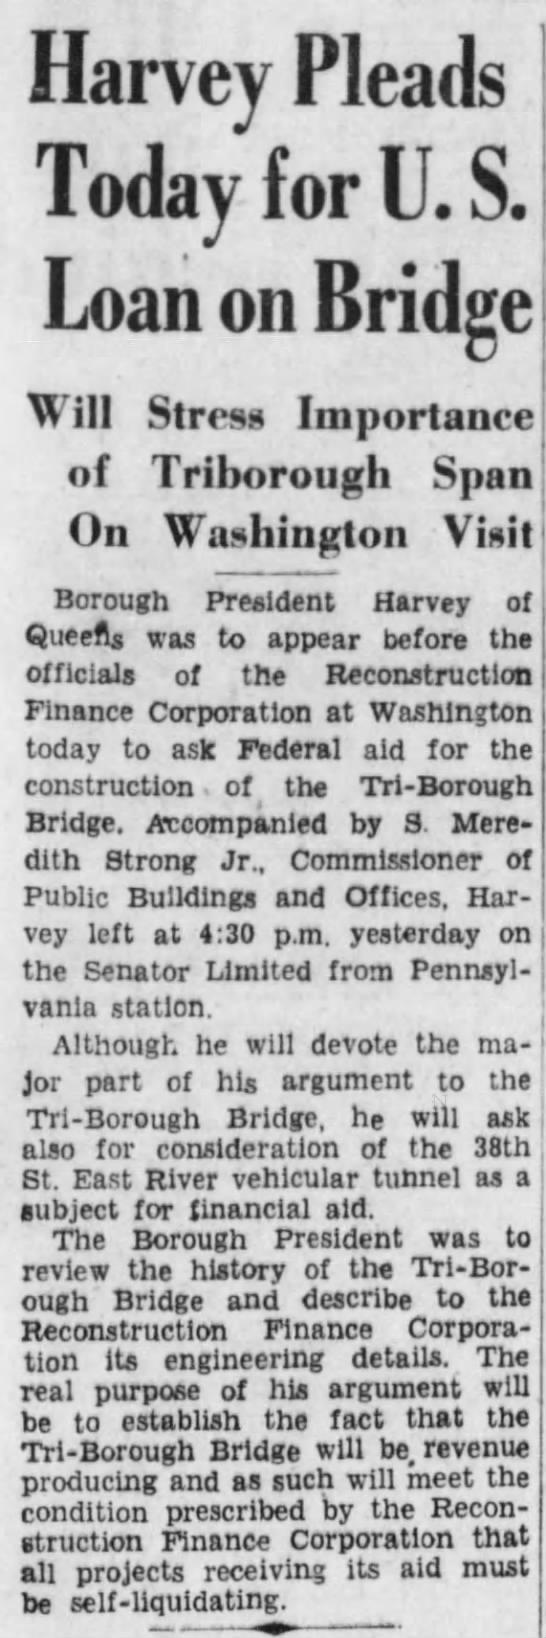 Harvey Pleads Today for U.S. Loan on Bridge -